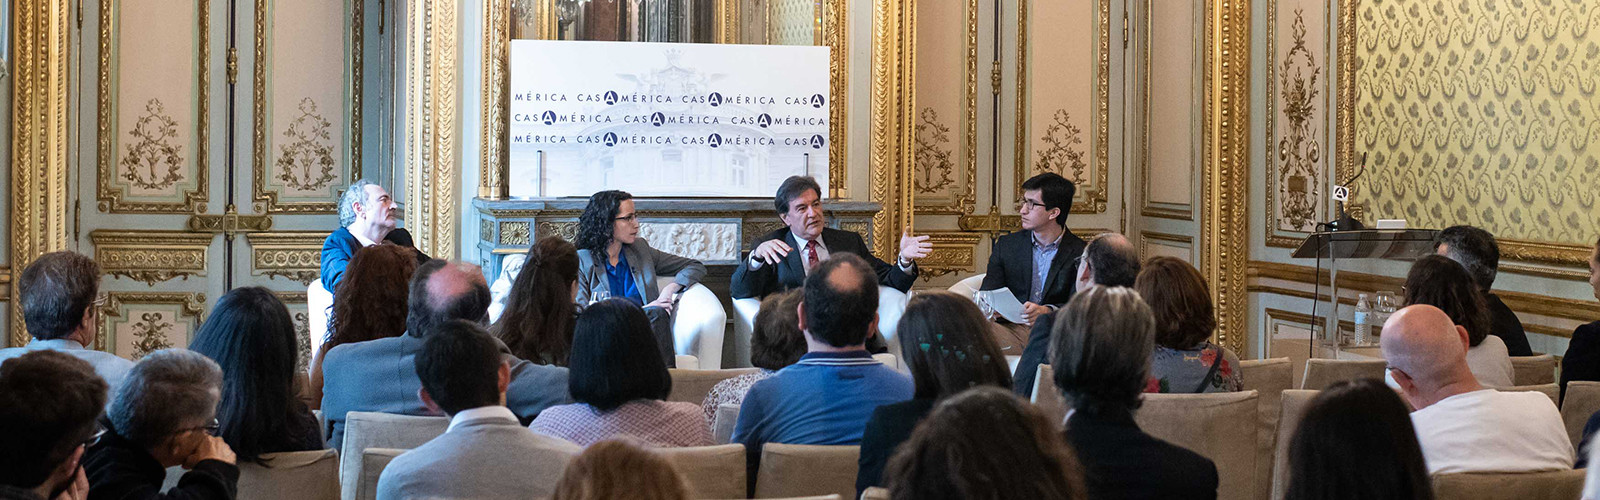 Análisis de las elecciones en Colombia